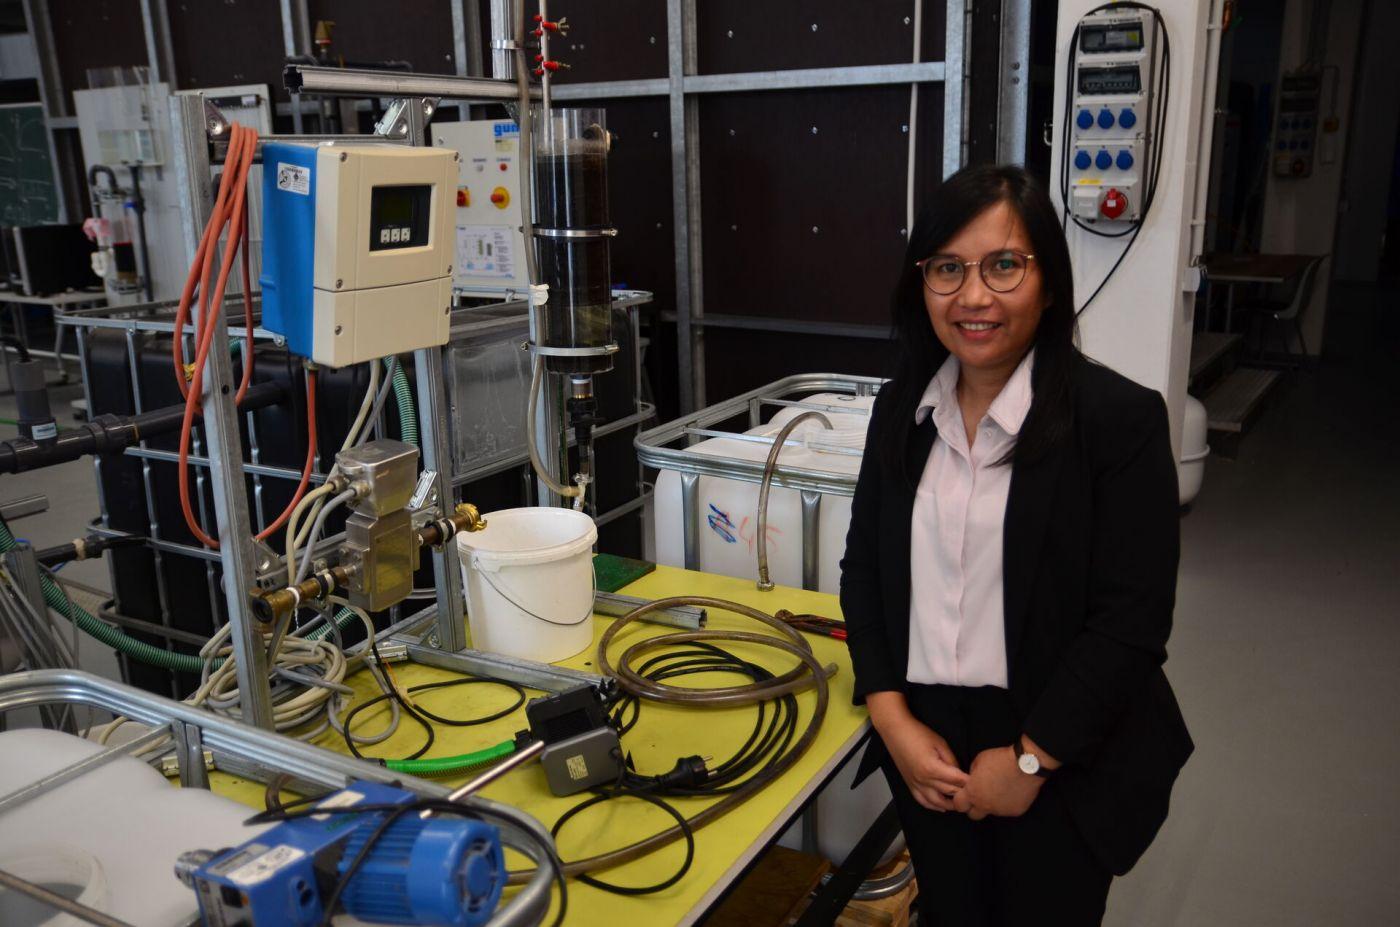 Rizkita Pinem bei ihrem Bachelor-Kolloquium im Technikum für Hydraulik und Stadthydrologie in Steinfurt am 26.08.2021. (Foto: FH Münster/Frederik Tebbe)